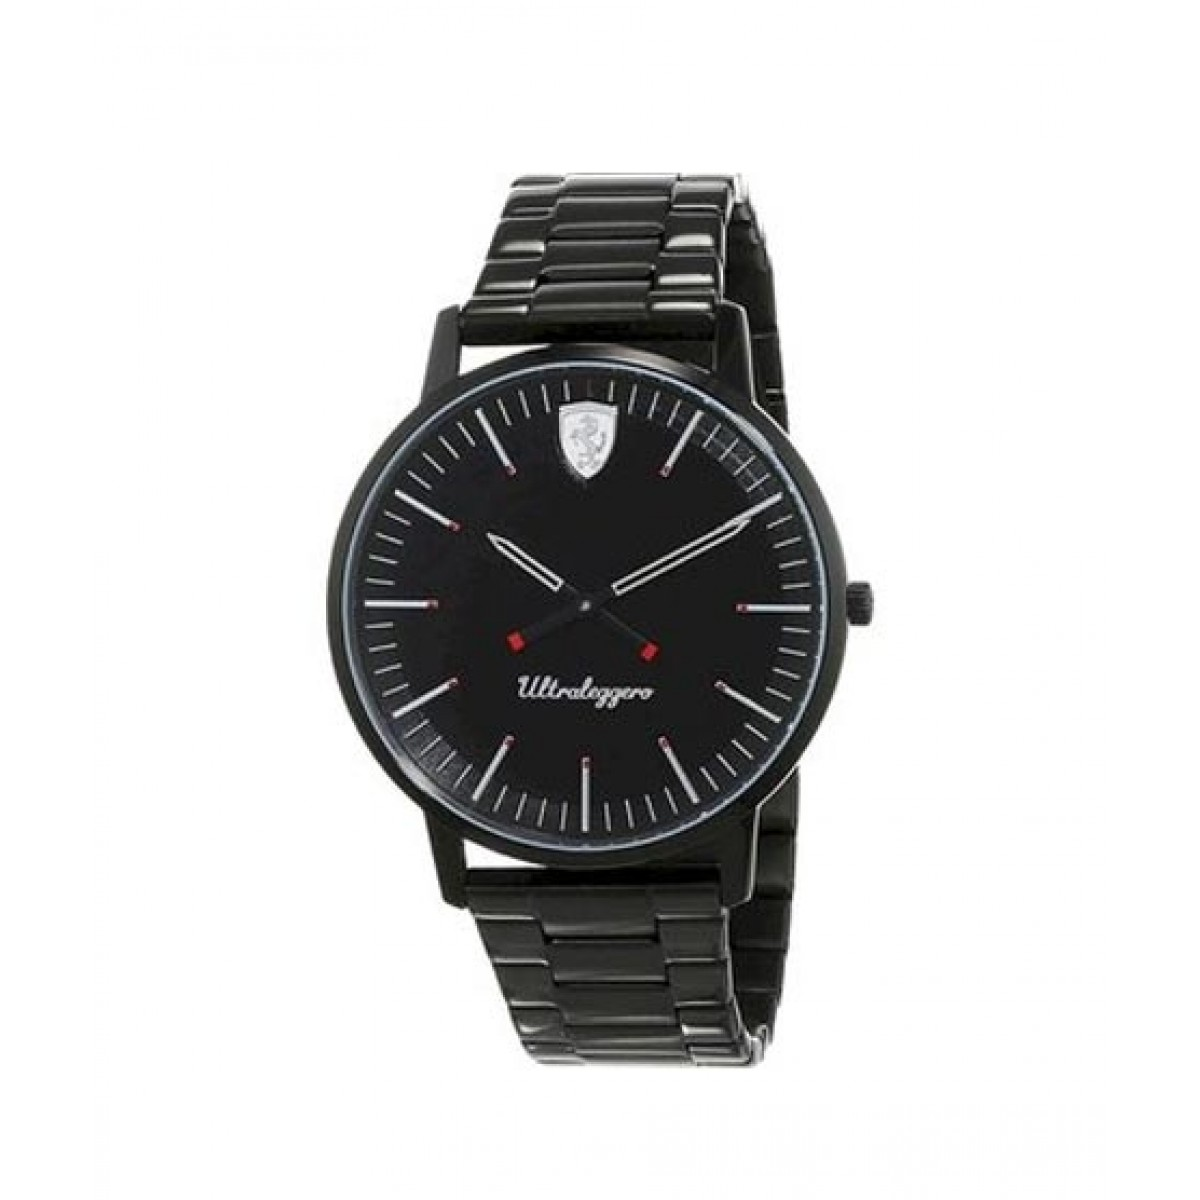 Ferrari Ultraleggero Men's Watch Black (830563)